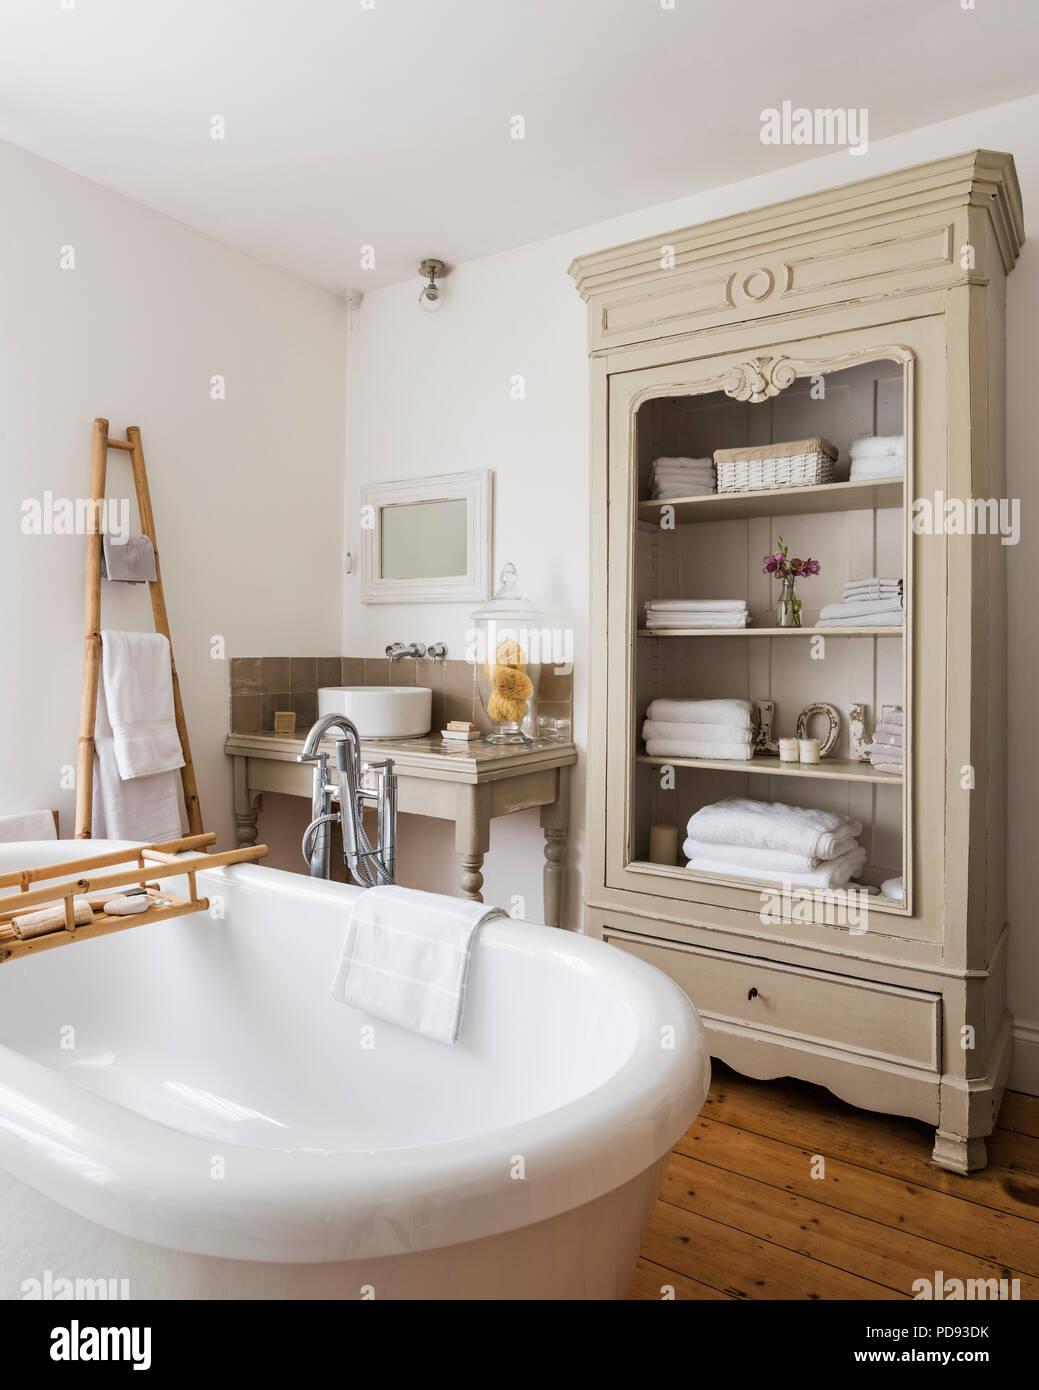 Grossen Schrank In Hohe Decken Im Landhausstil Badezimmer